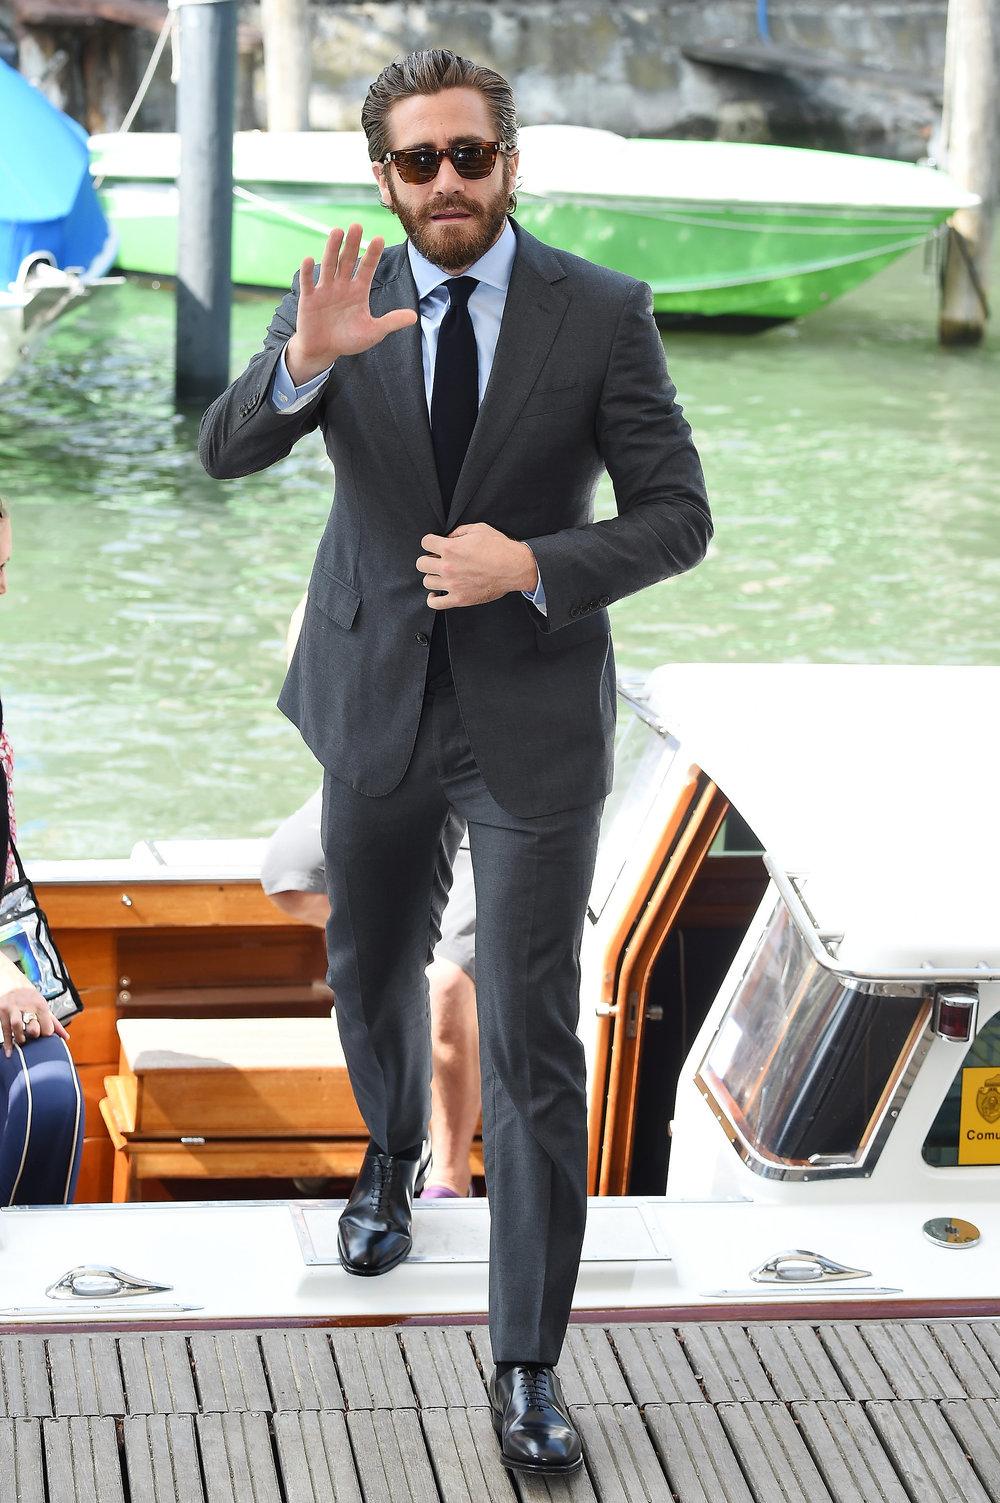 Jake Gyllenhaal Jake voltou com tudo em 2015. Novos filmes, novos personagens e uma nova forma de se vestir. Ternos mais caprichados e costumes mais inspirados. Dignos de um TOP 10.Nós gostamos do resultado. E esperamos mais em 2016.